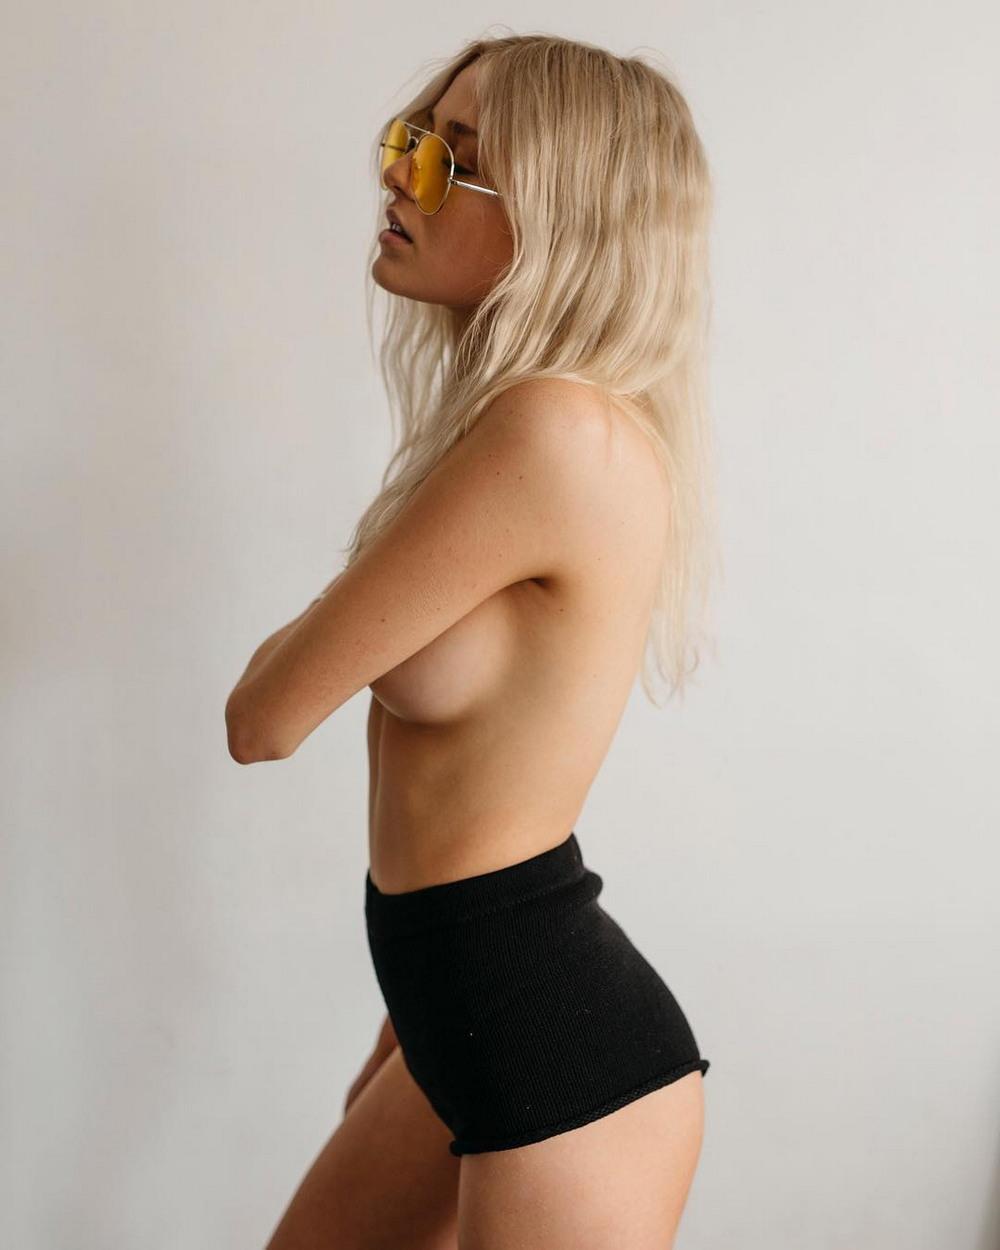 Красивые фото девушек Микела Робертса